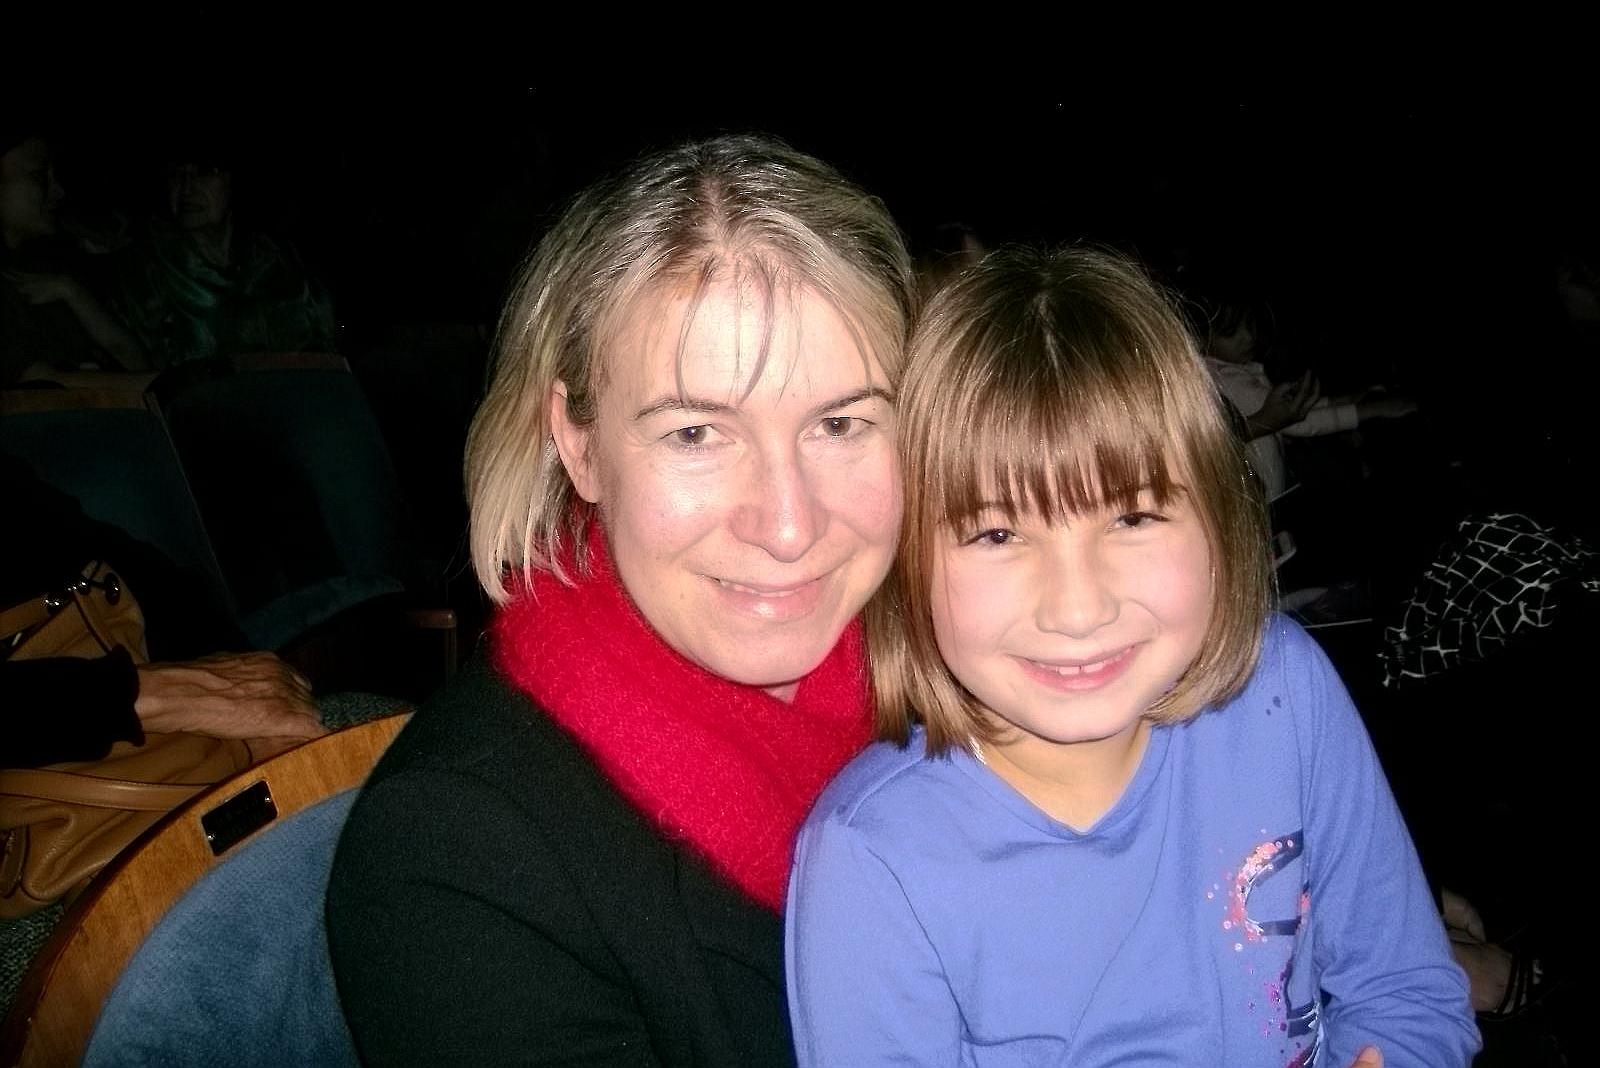 12月12日,在跨國金融機構工作的Dagmar Nikles女士和女兒Sophie觀賞了神韻在伯克利的演出。(於麗麗/大紀元)